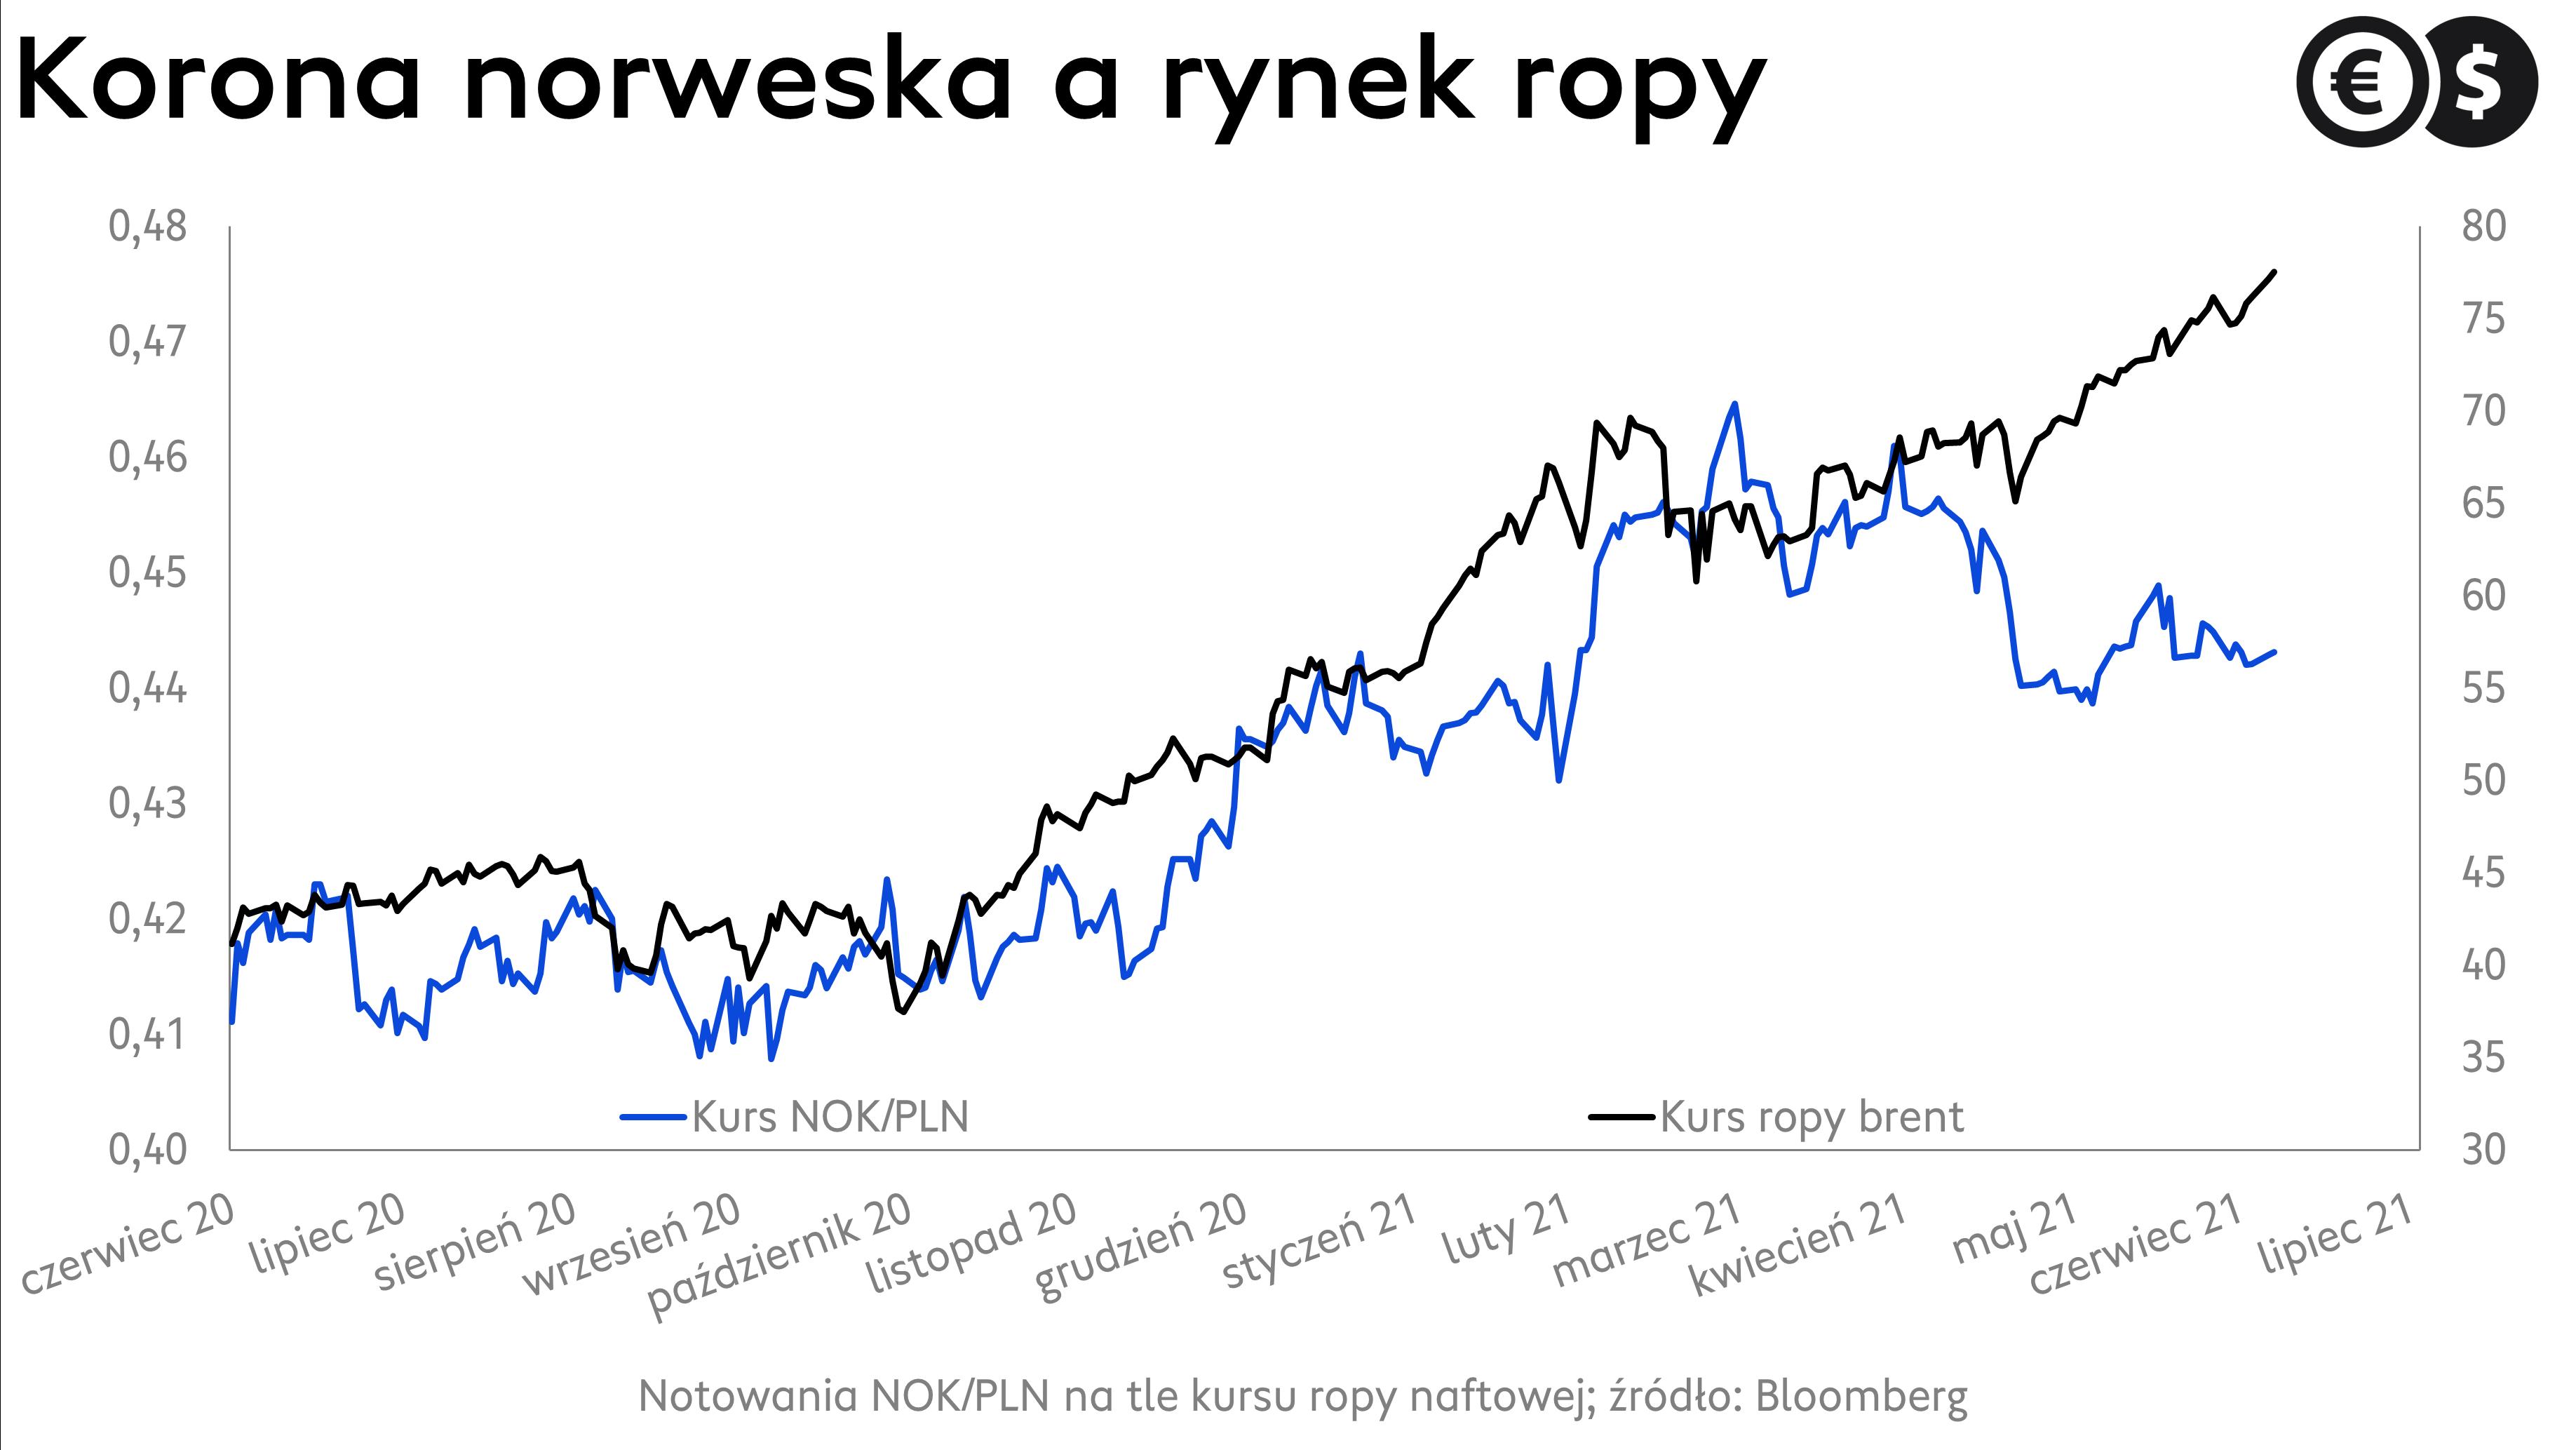 Kurs ropy brent i korony norweskiej; źródło: Bloomberg